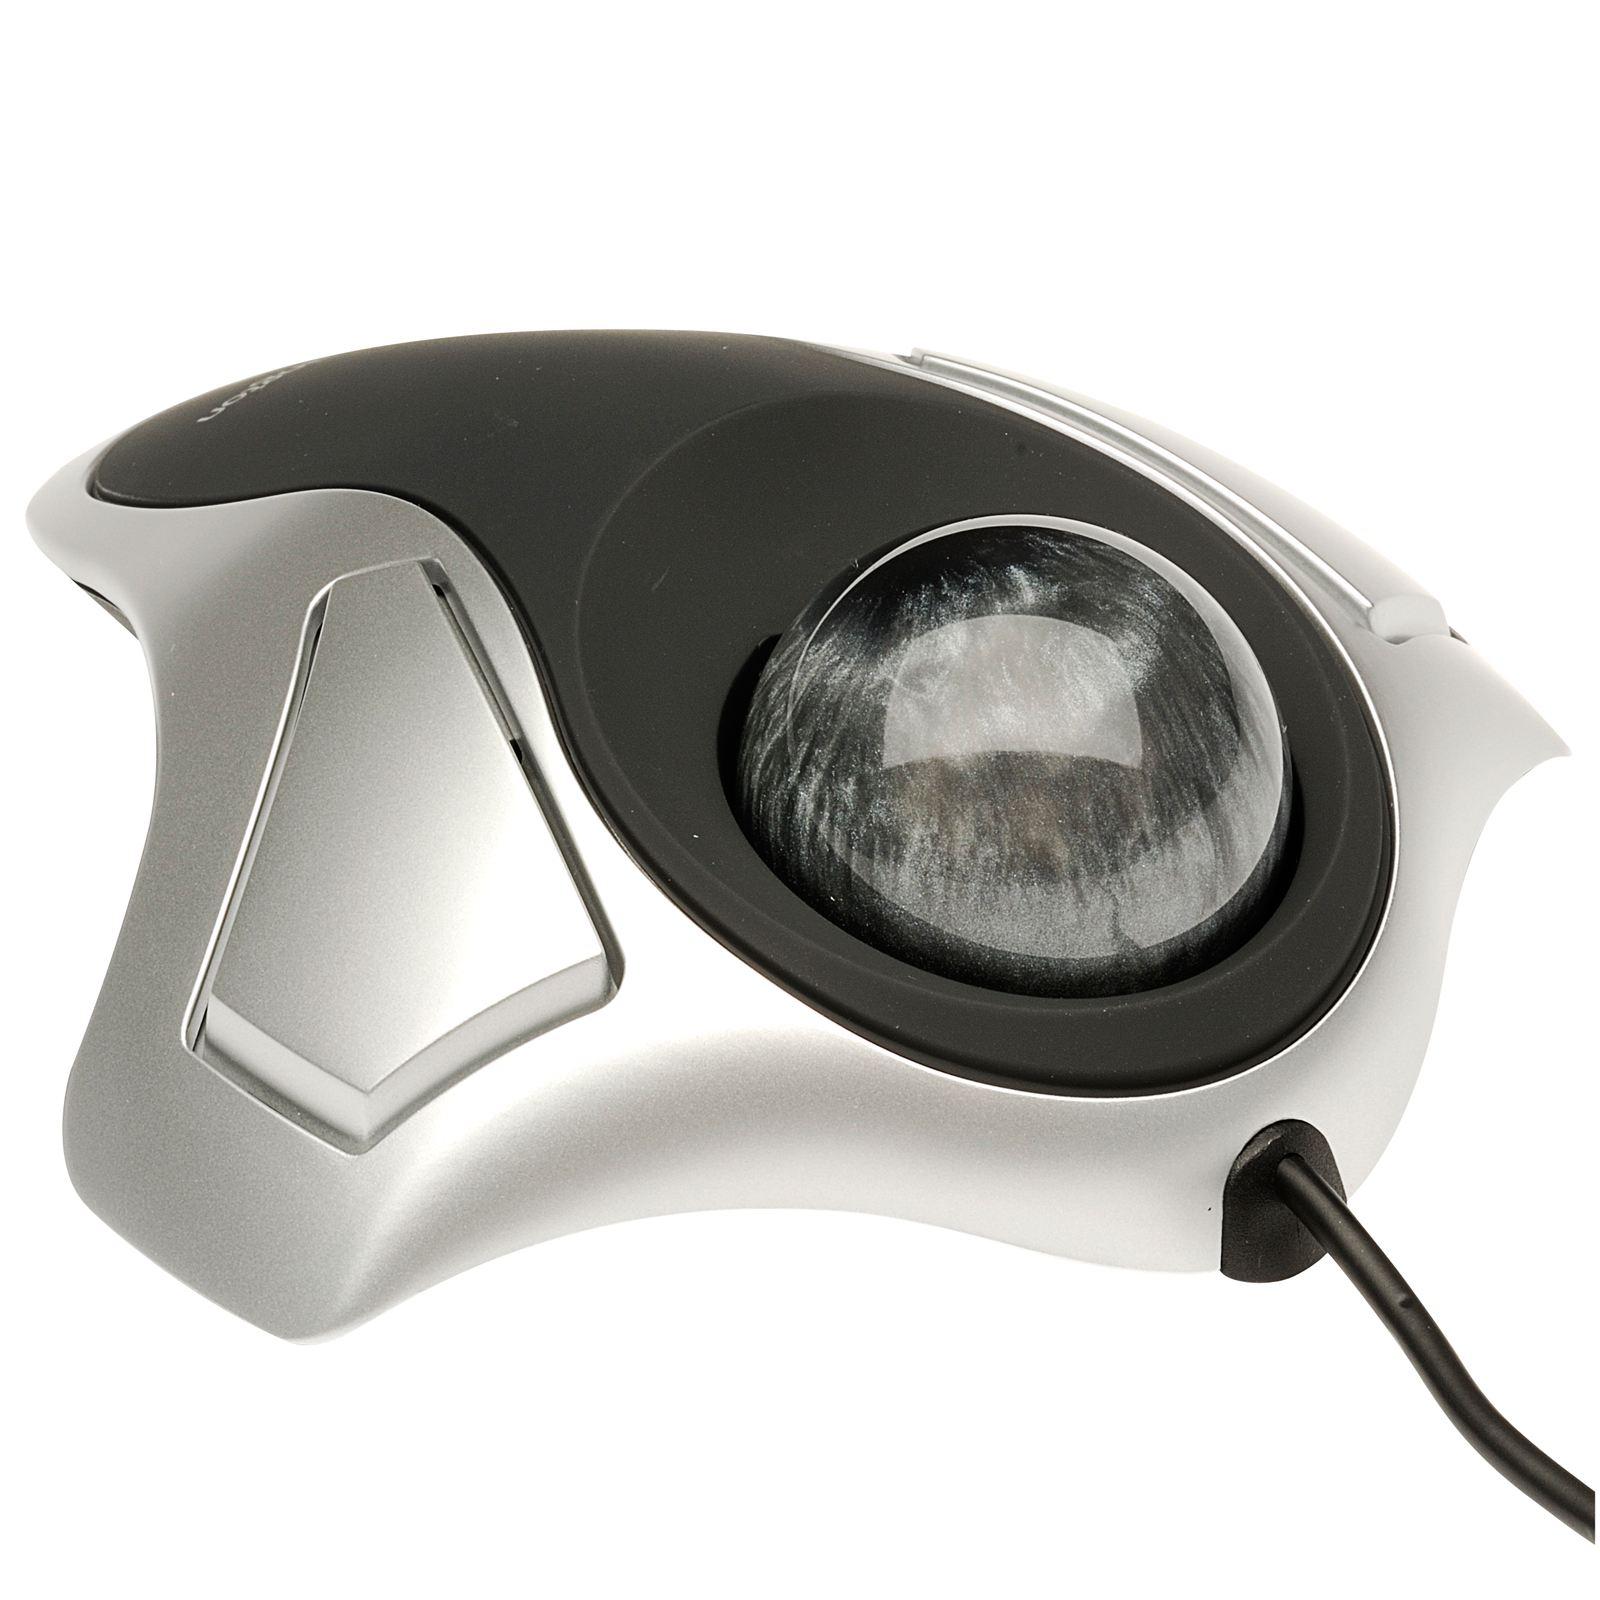 HWS - Kensington Orbit Optical trackball